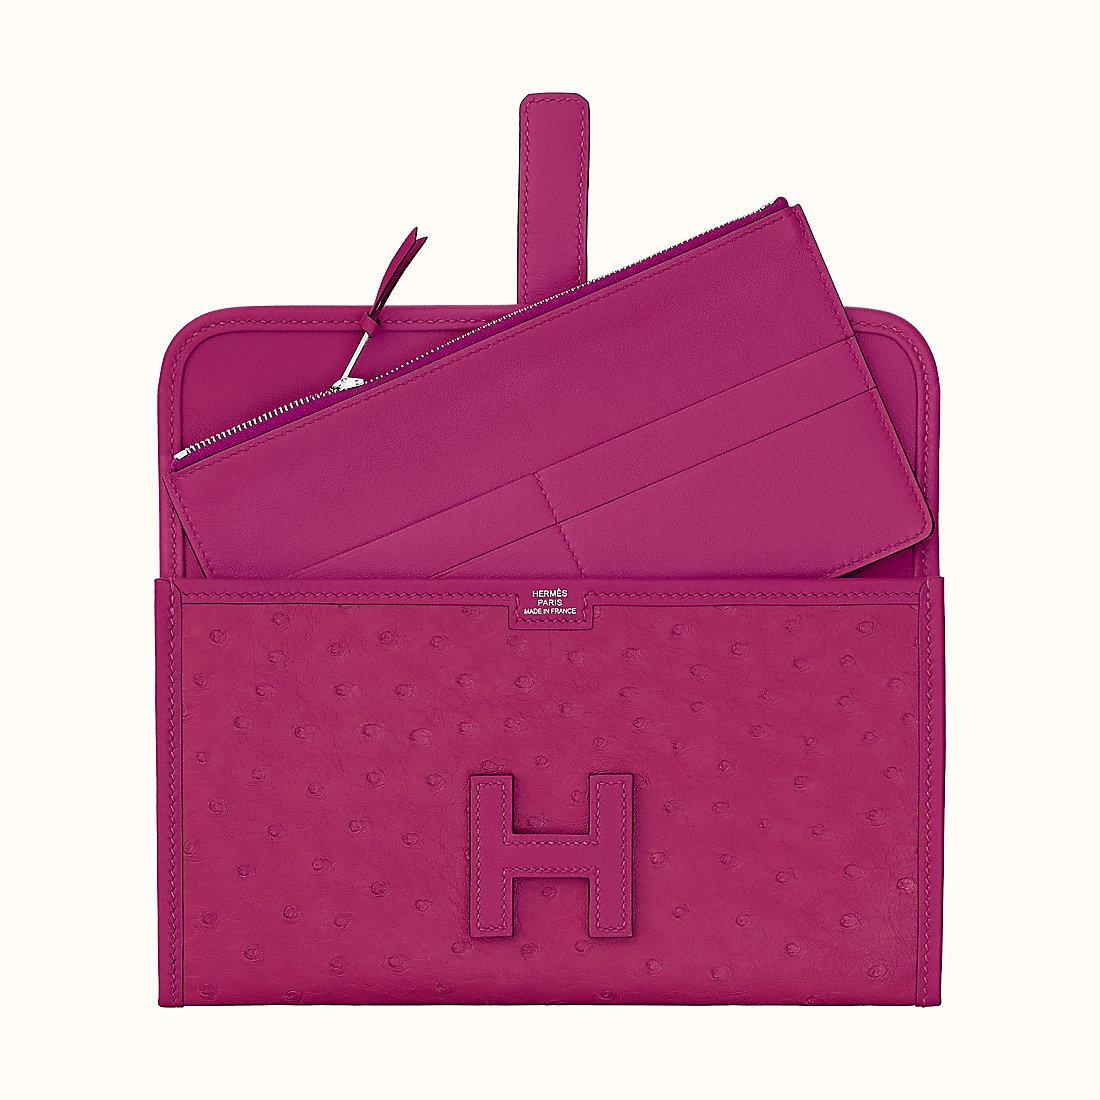 愛馬仕鴕鳥皮長款錢包 Hermes Jige Duo wallet L3 Rose Pourpre 玫瑰紫